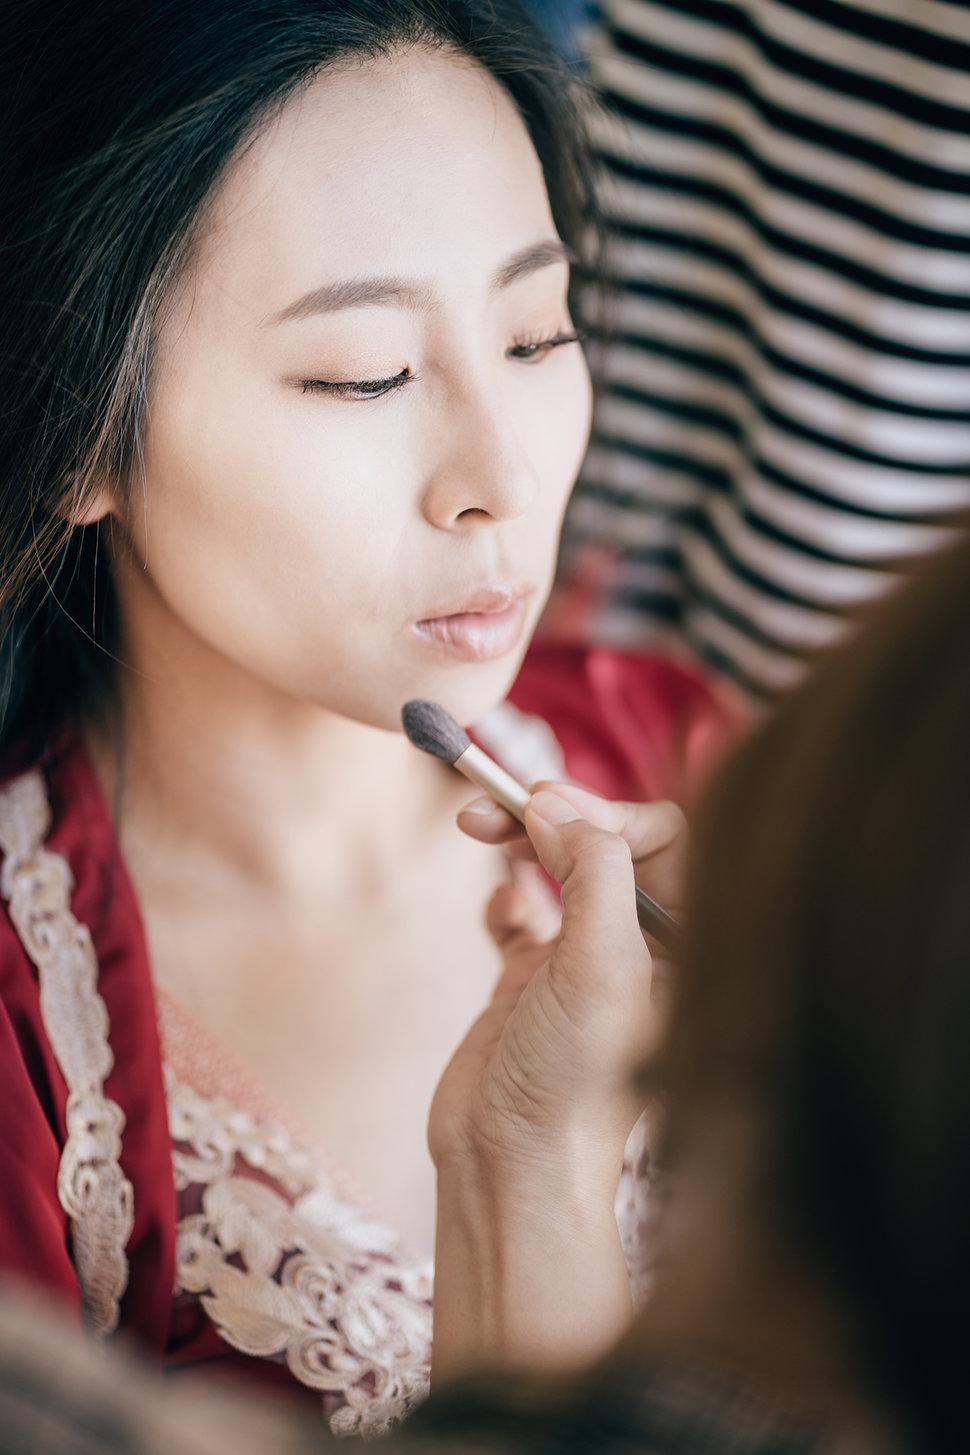 20190606-2 - 婚攝阿峰-采舍影像《結婚吧》